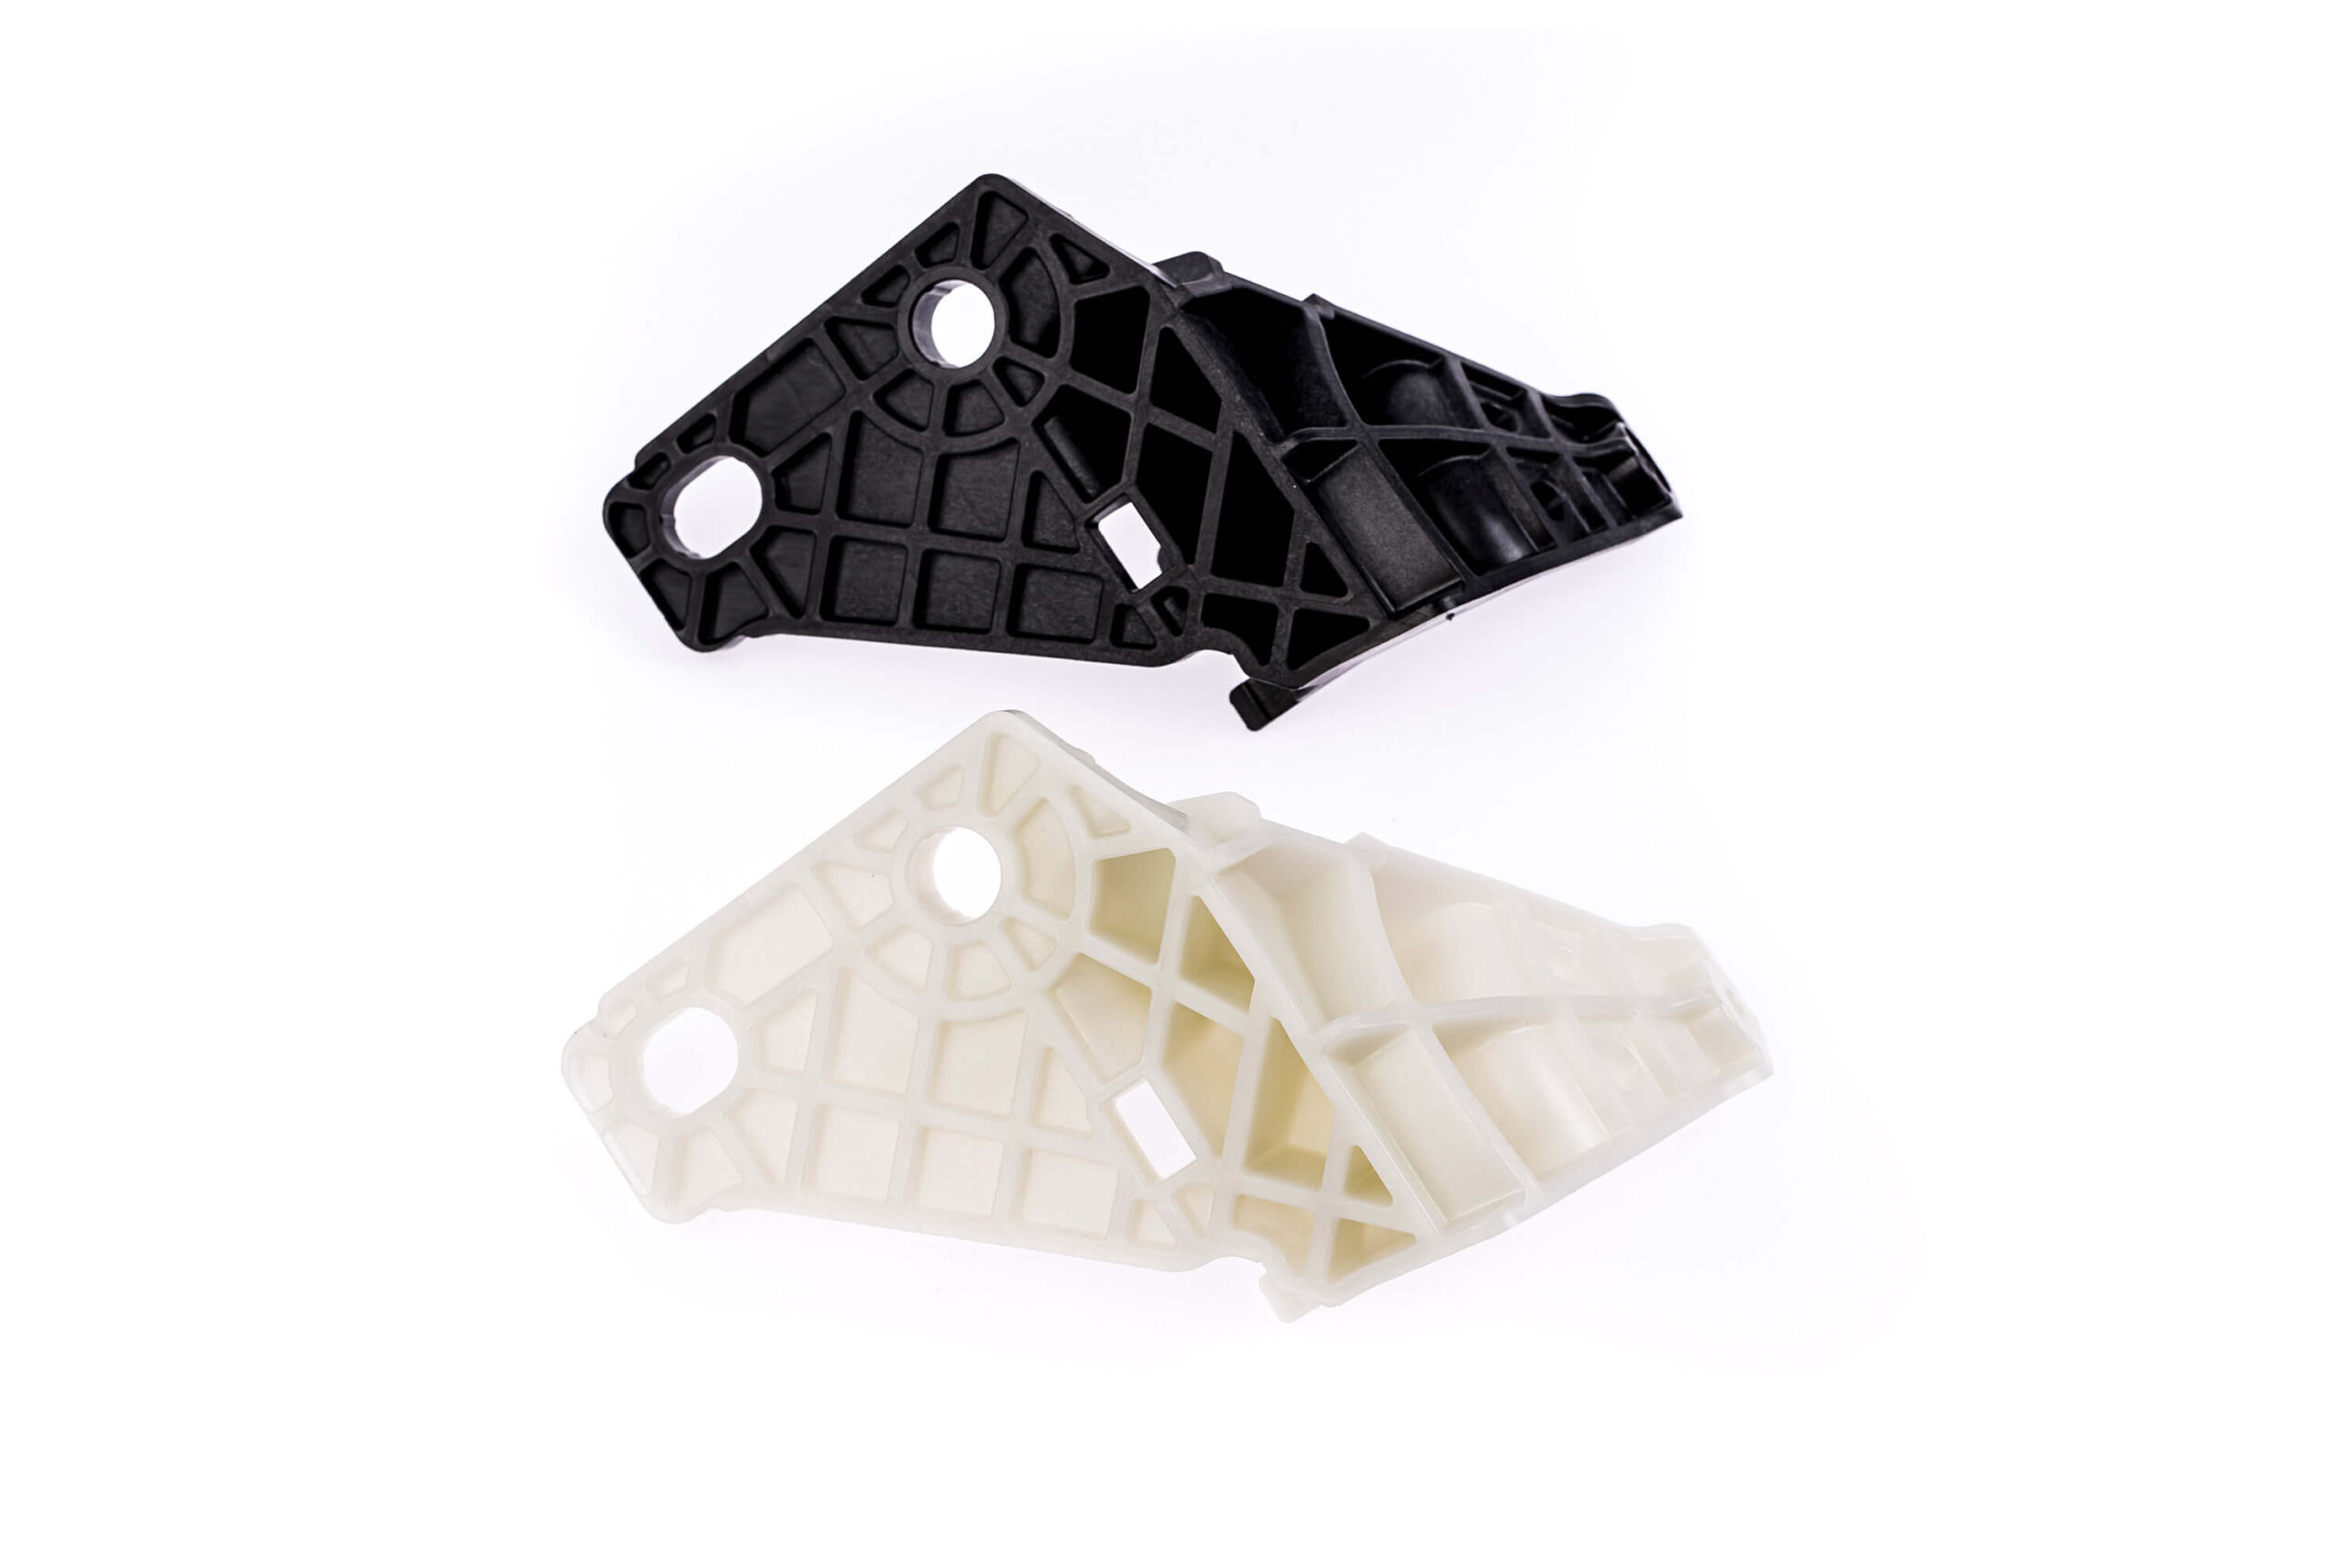 Končni izdelki iz plastike